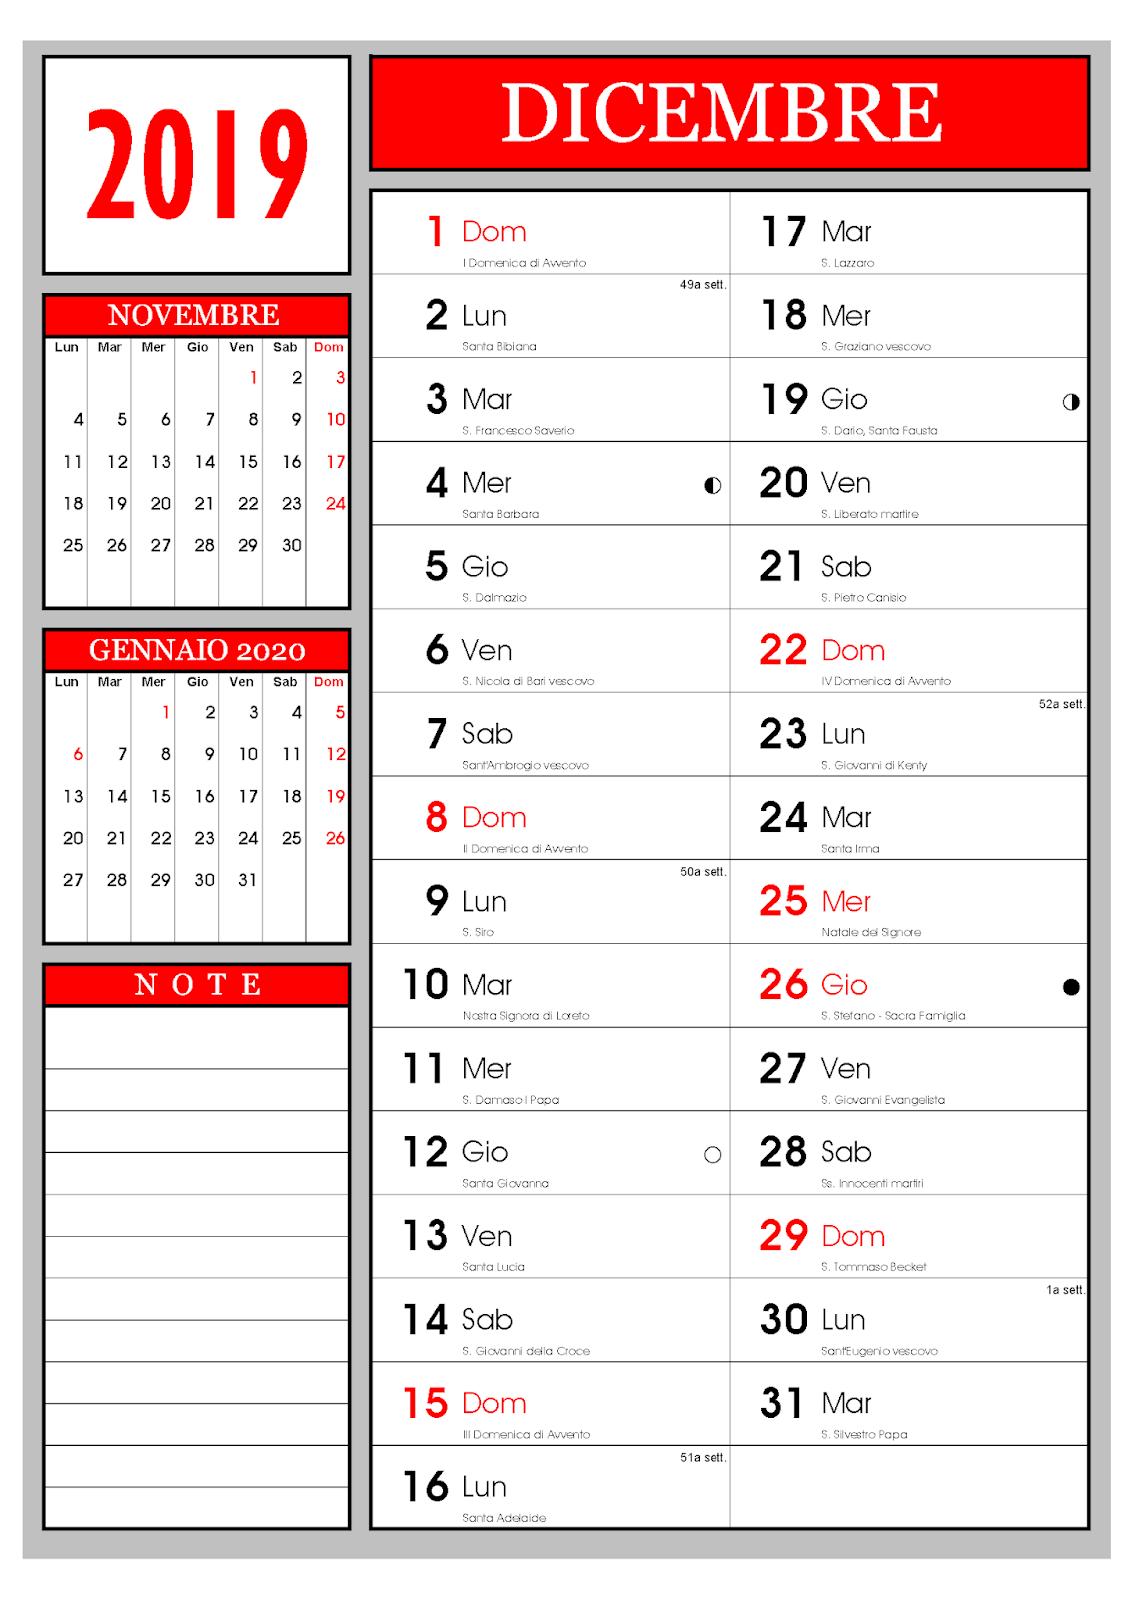 Calendario Mese Dicembre 2019.Calendario Calendario Mensile Dicembre 2019